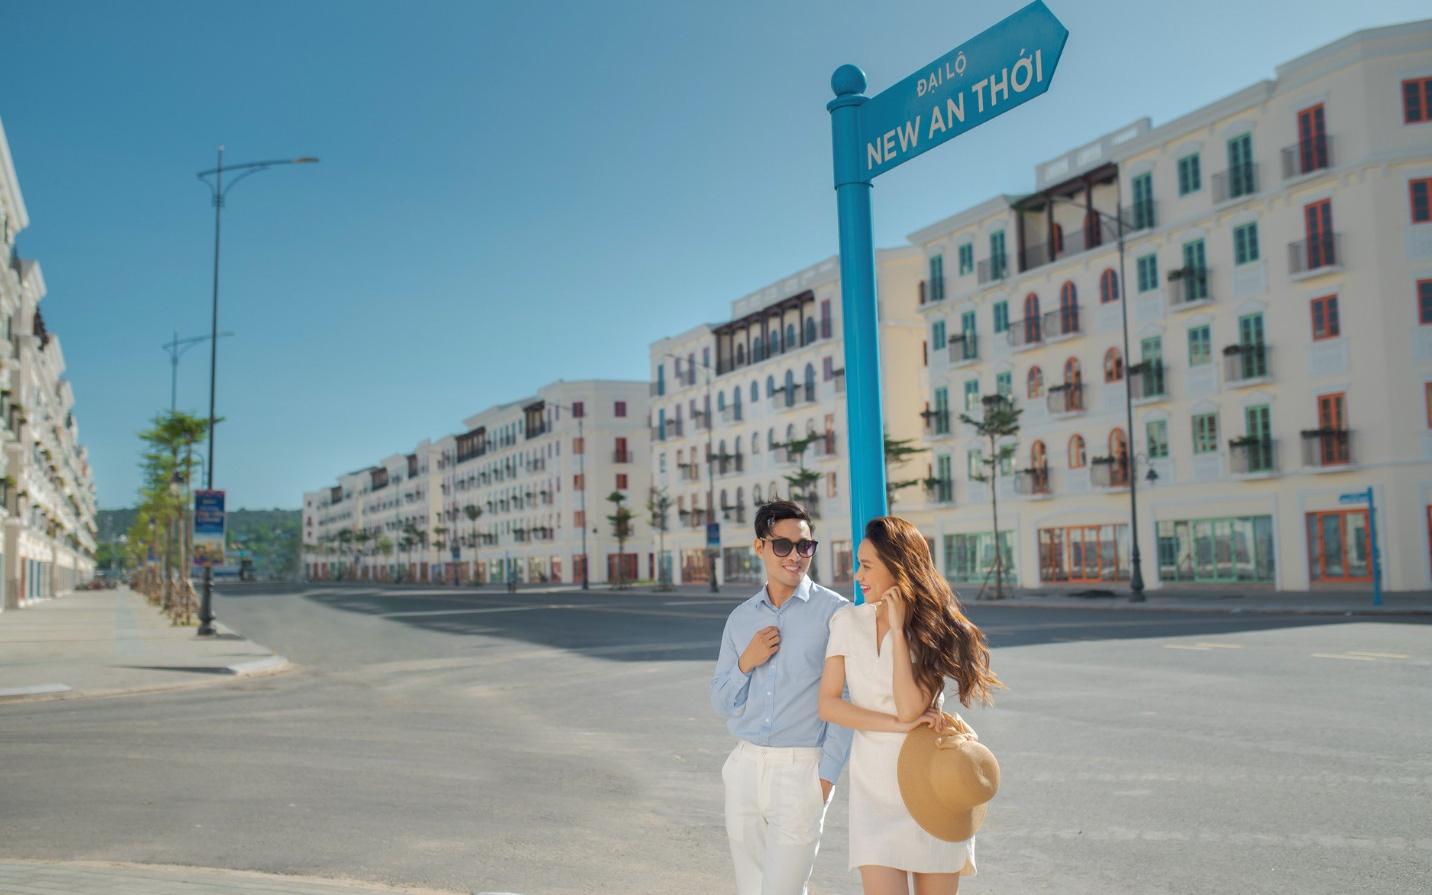 Cách quy hoạch khiến Sun Grand City New An Thoi trở nên đáng giá ra sao?